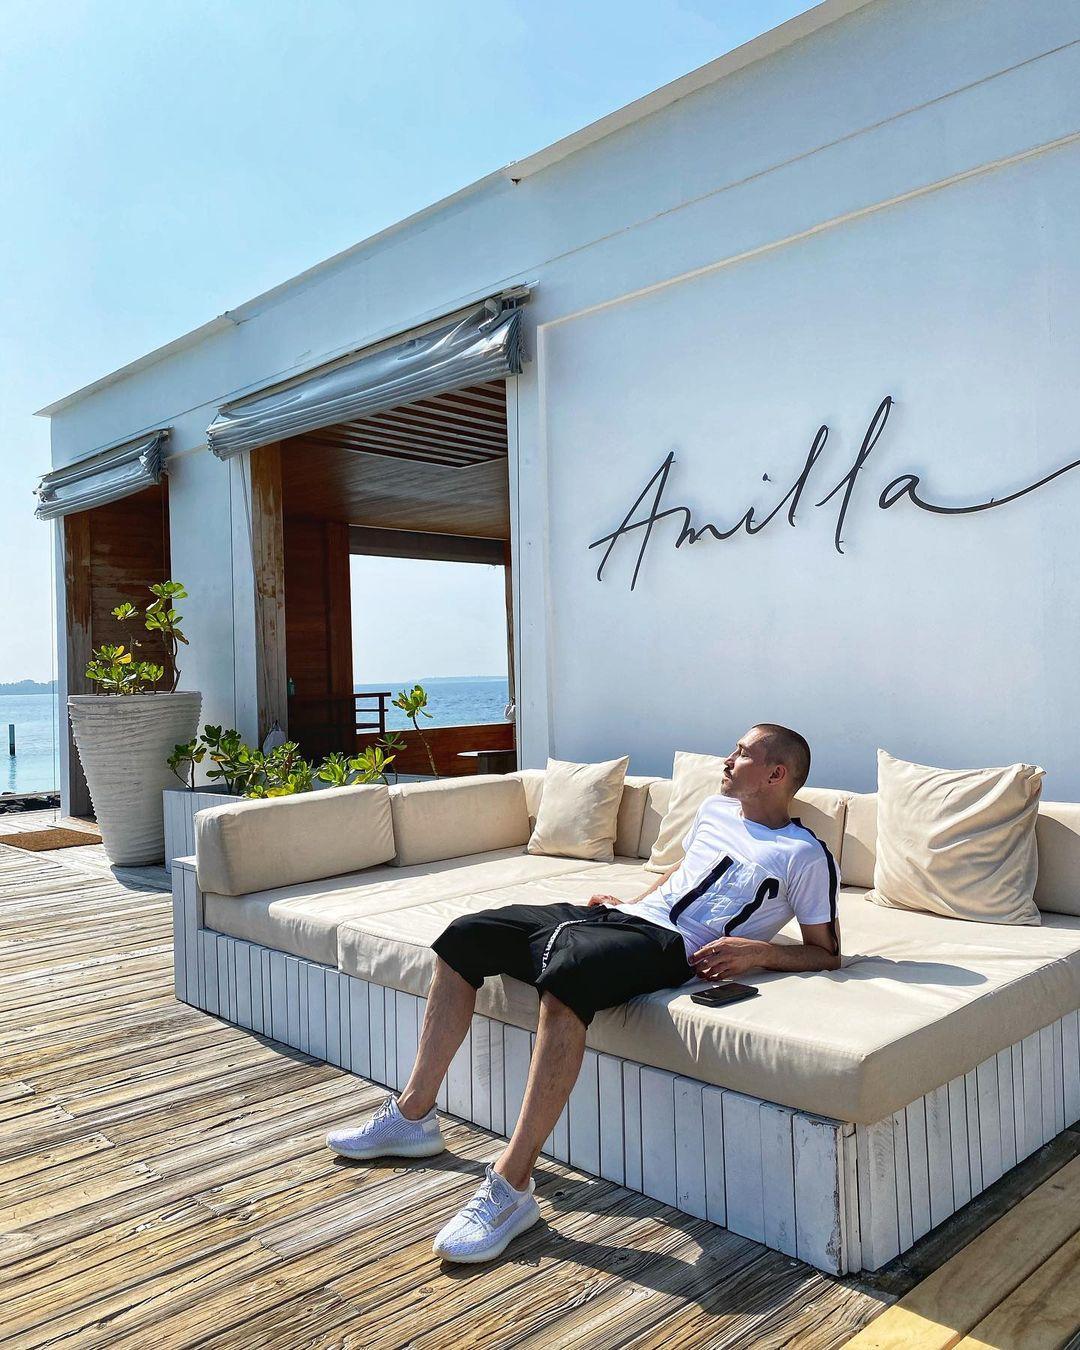 Дима Билан потратил на отдых на Мальдивах почти 5 миллионов рублей